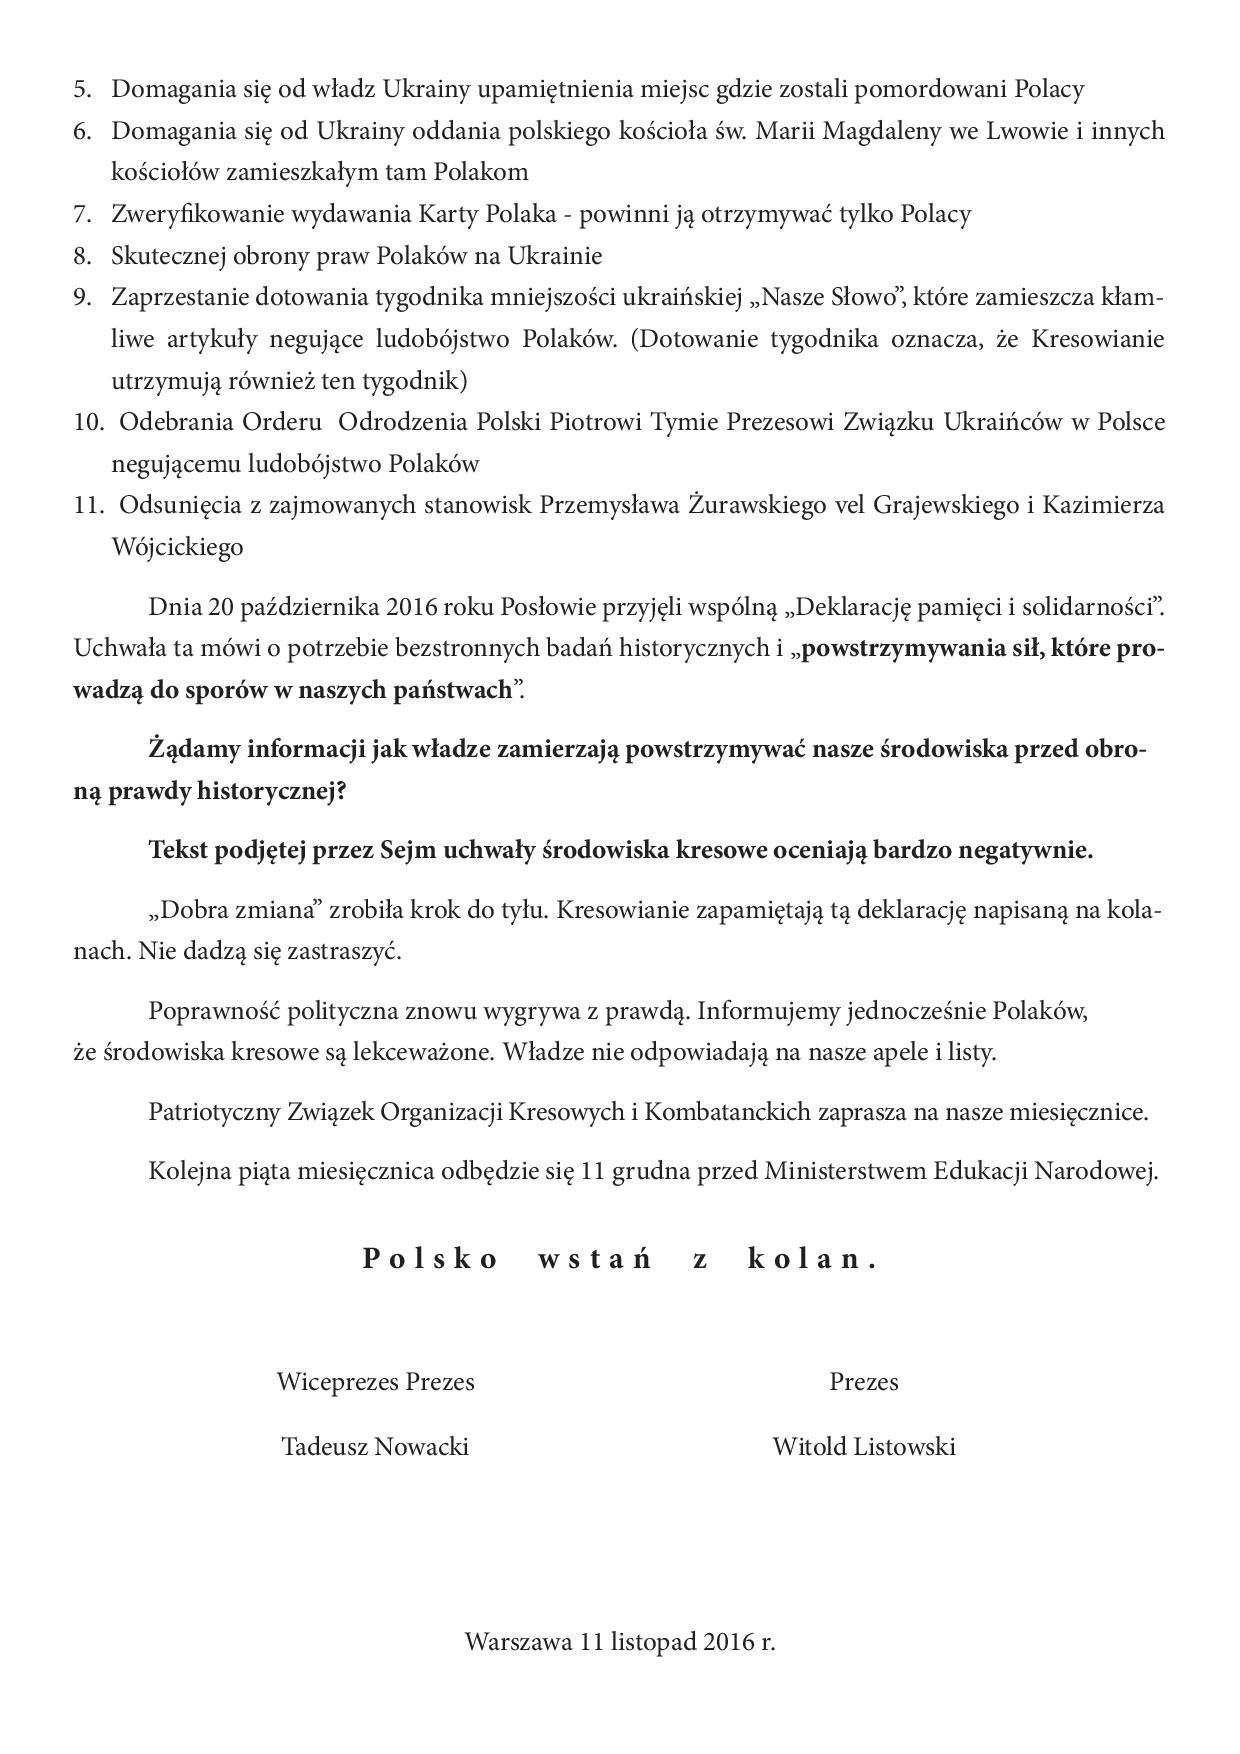 pismo-iv-miesiecznica-stanowisko_2